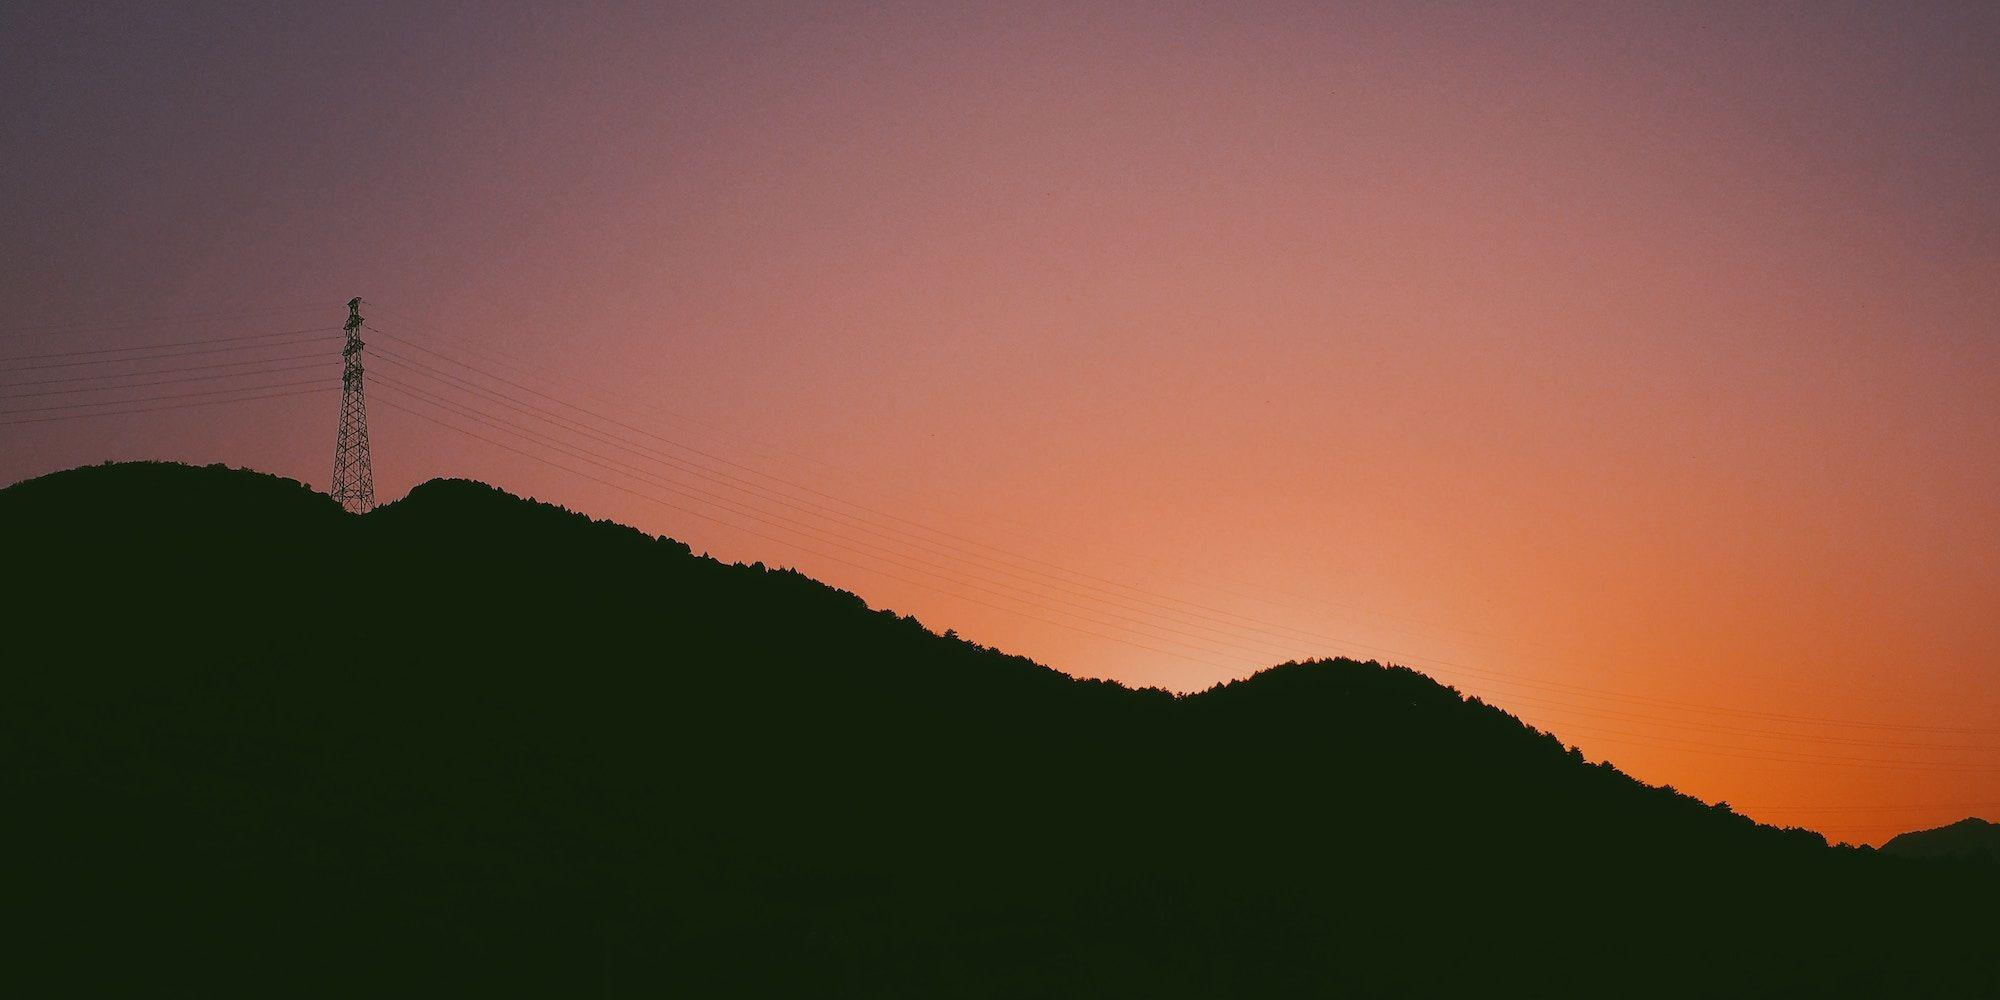 Illustrasjonsbilde: Bilde av en strømmast i solnedgang